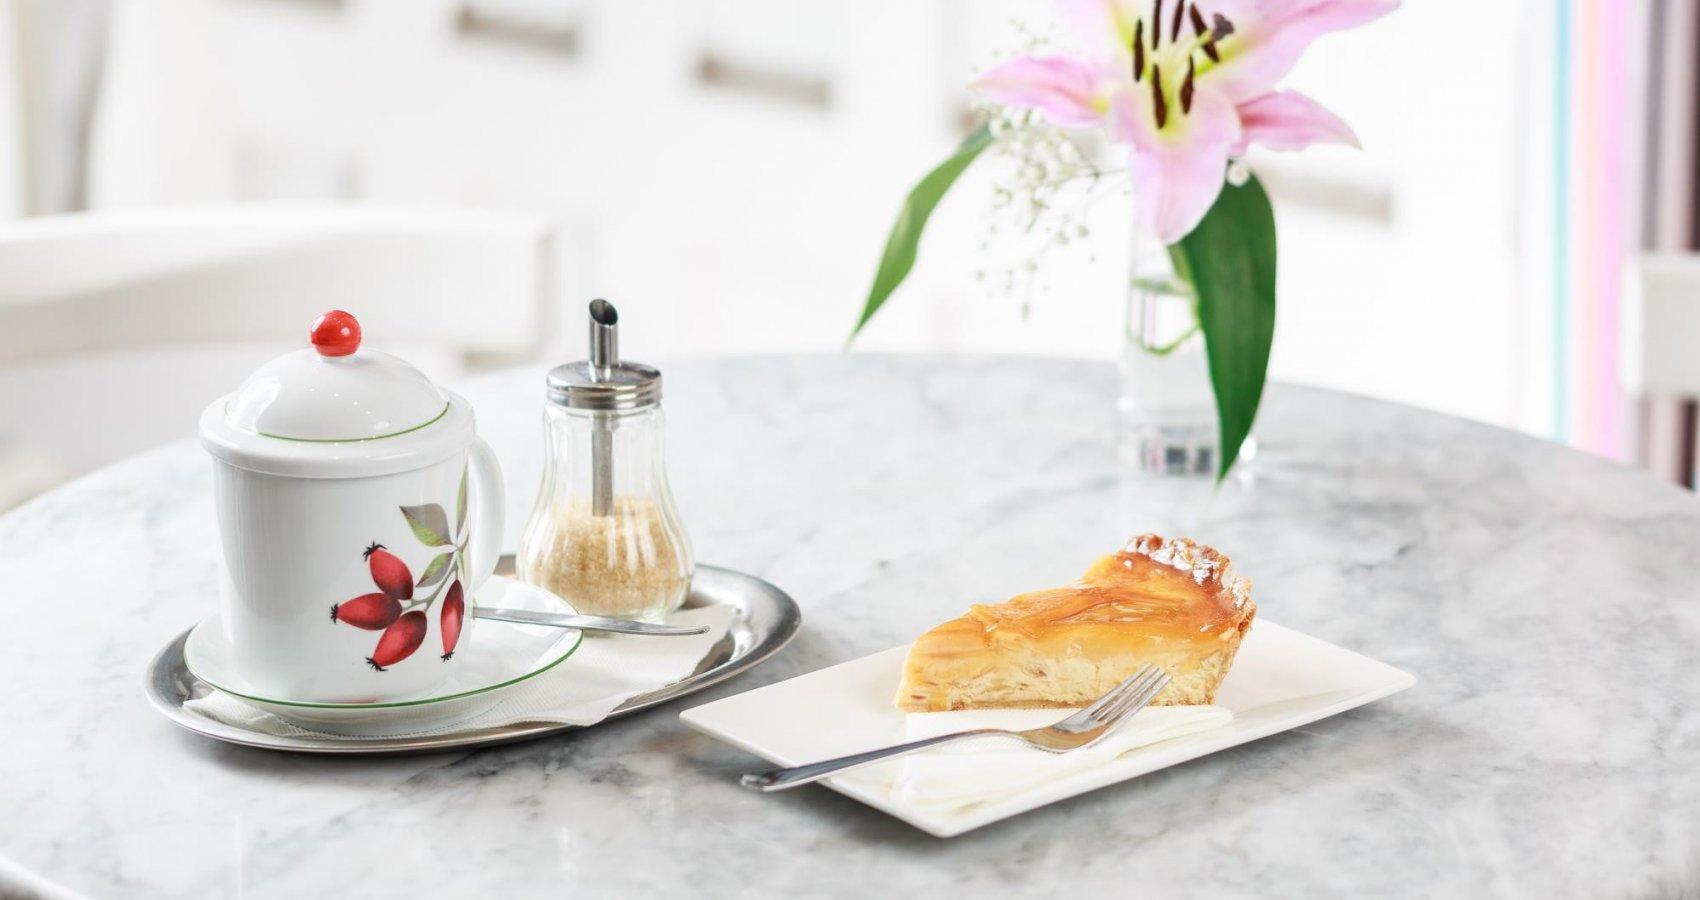 Šípkový čaj s hruškovým koláčem